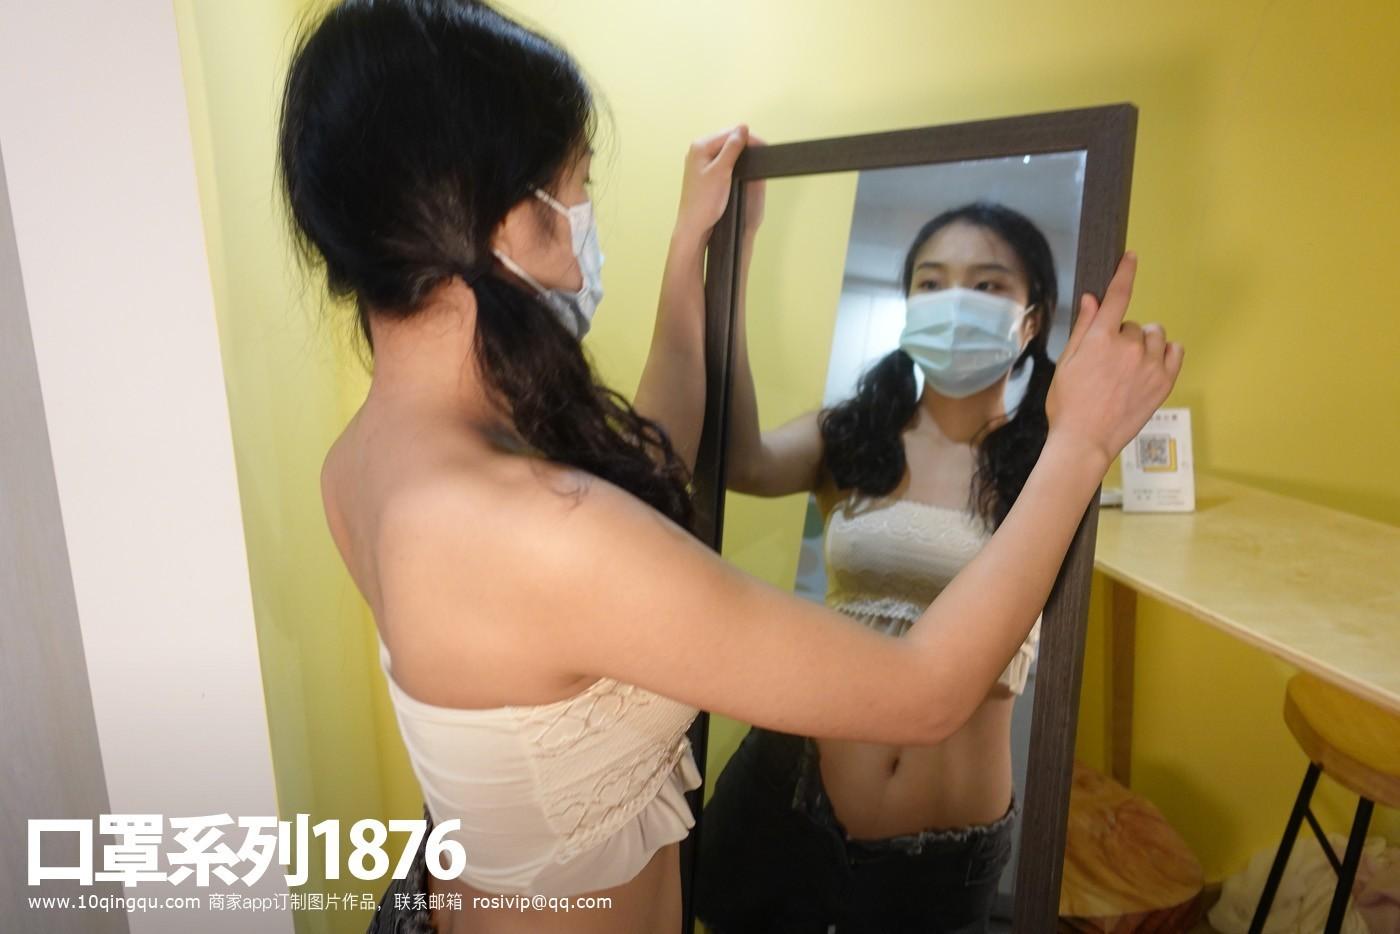 口罩系列1876套装 衣服+内裤+内衣